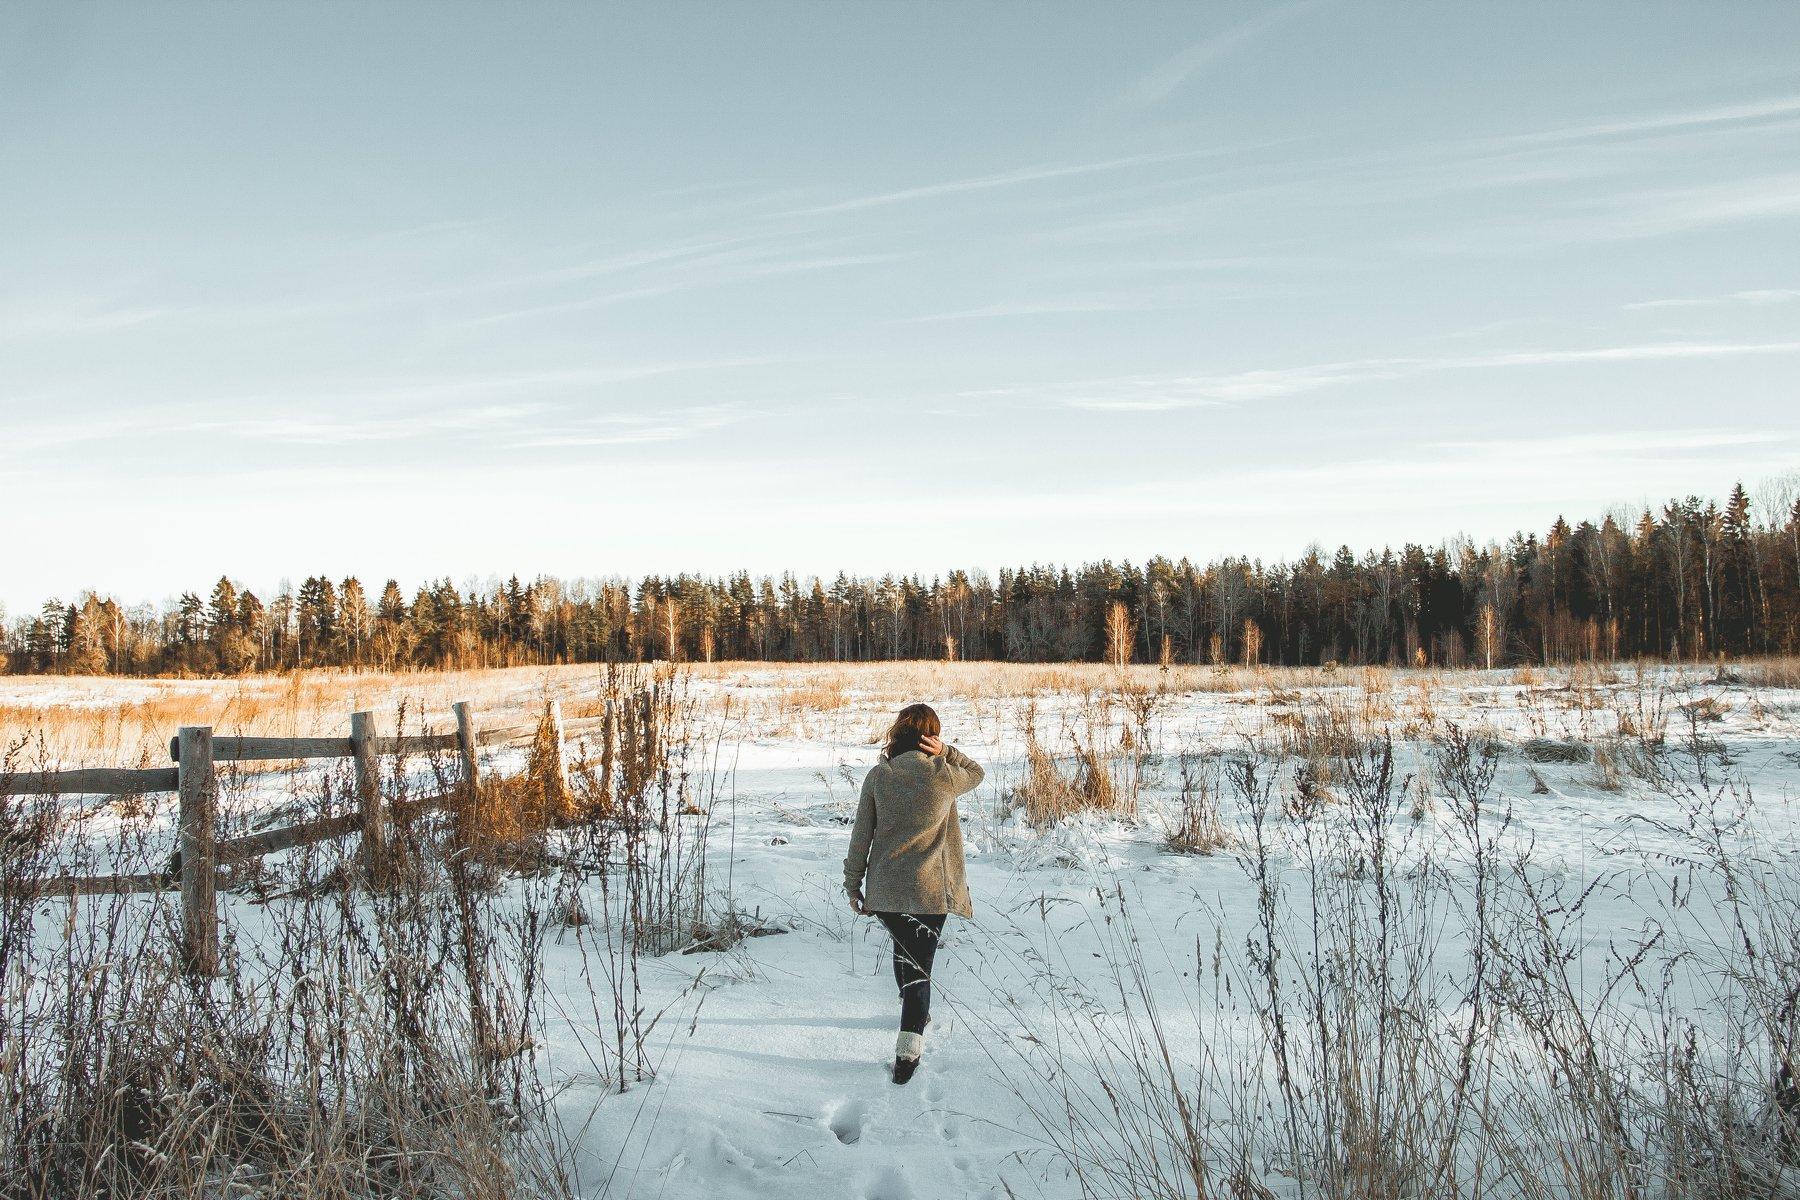 фото, пейзаж, трэвел, девушка, зима, цвет, свет, россия, красота, Олег Карсаков